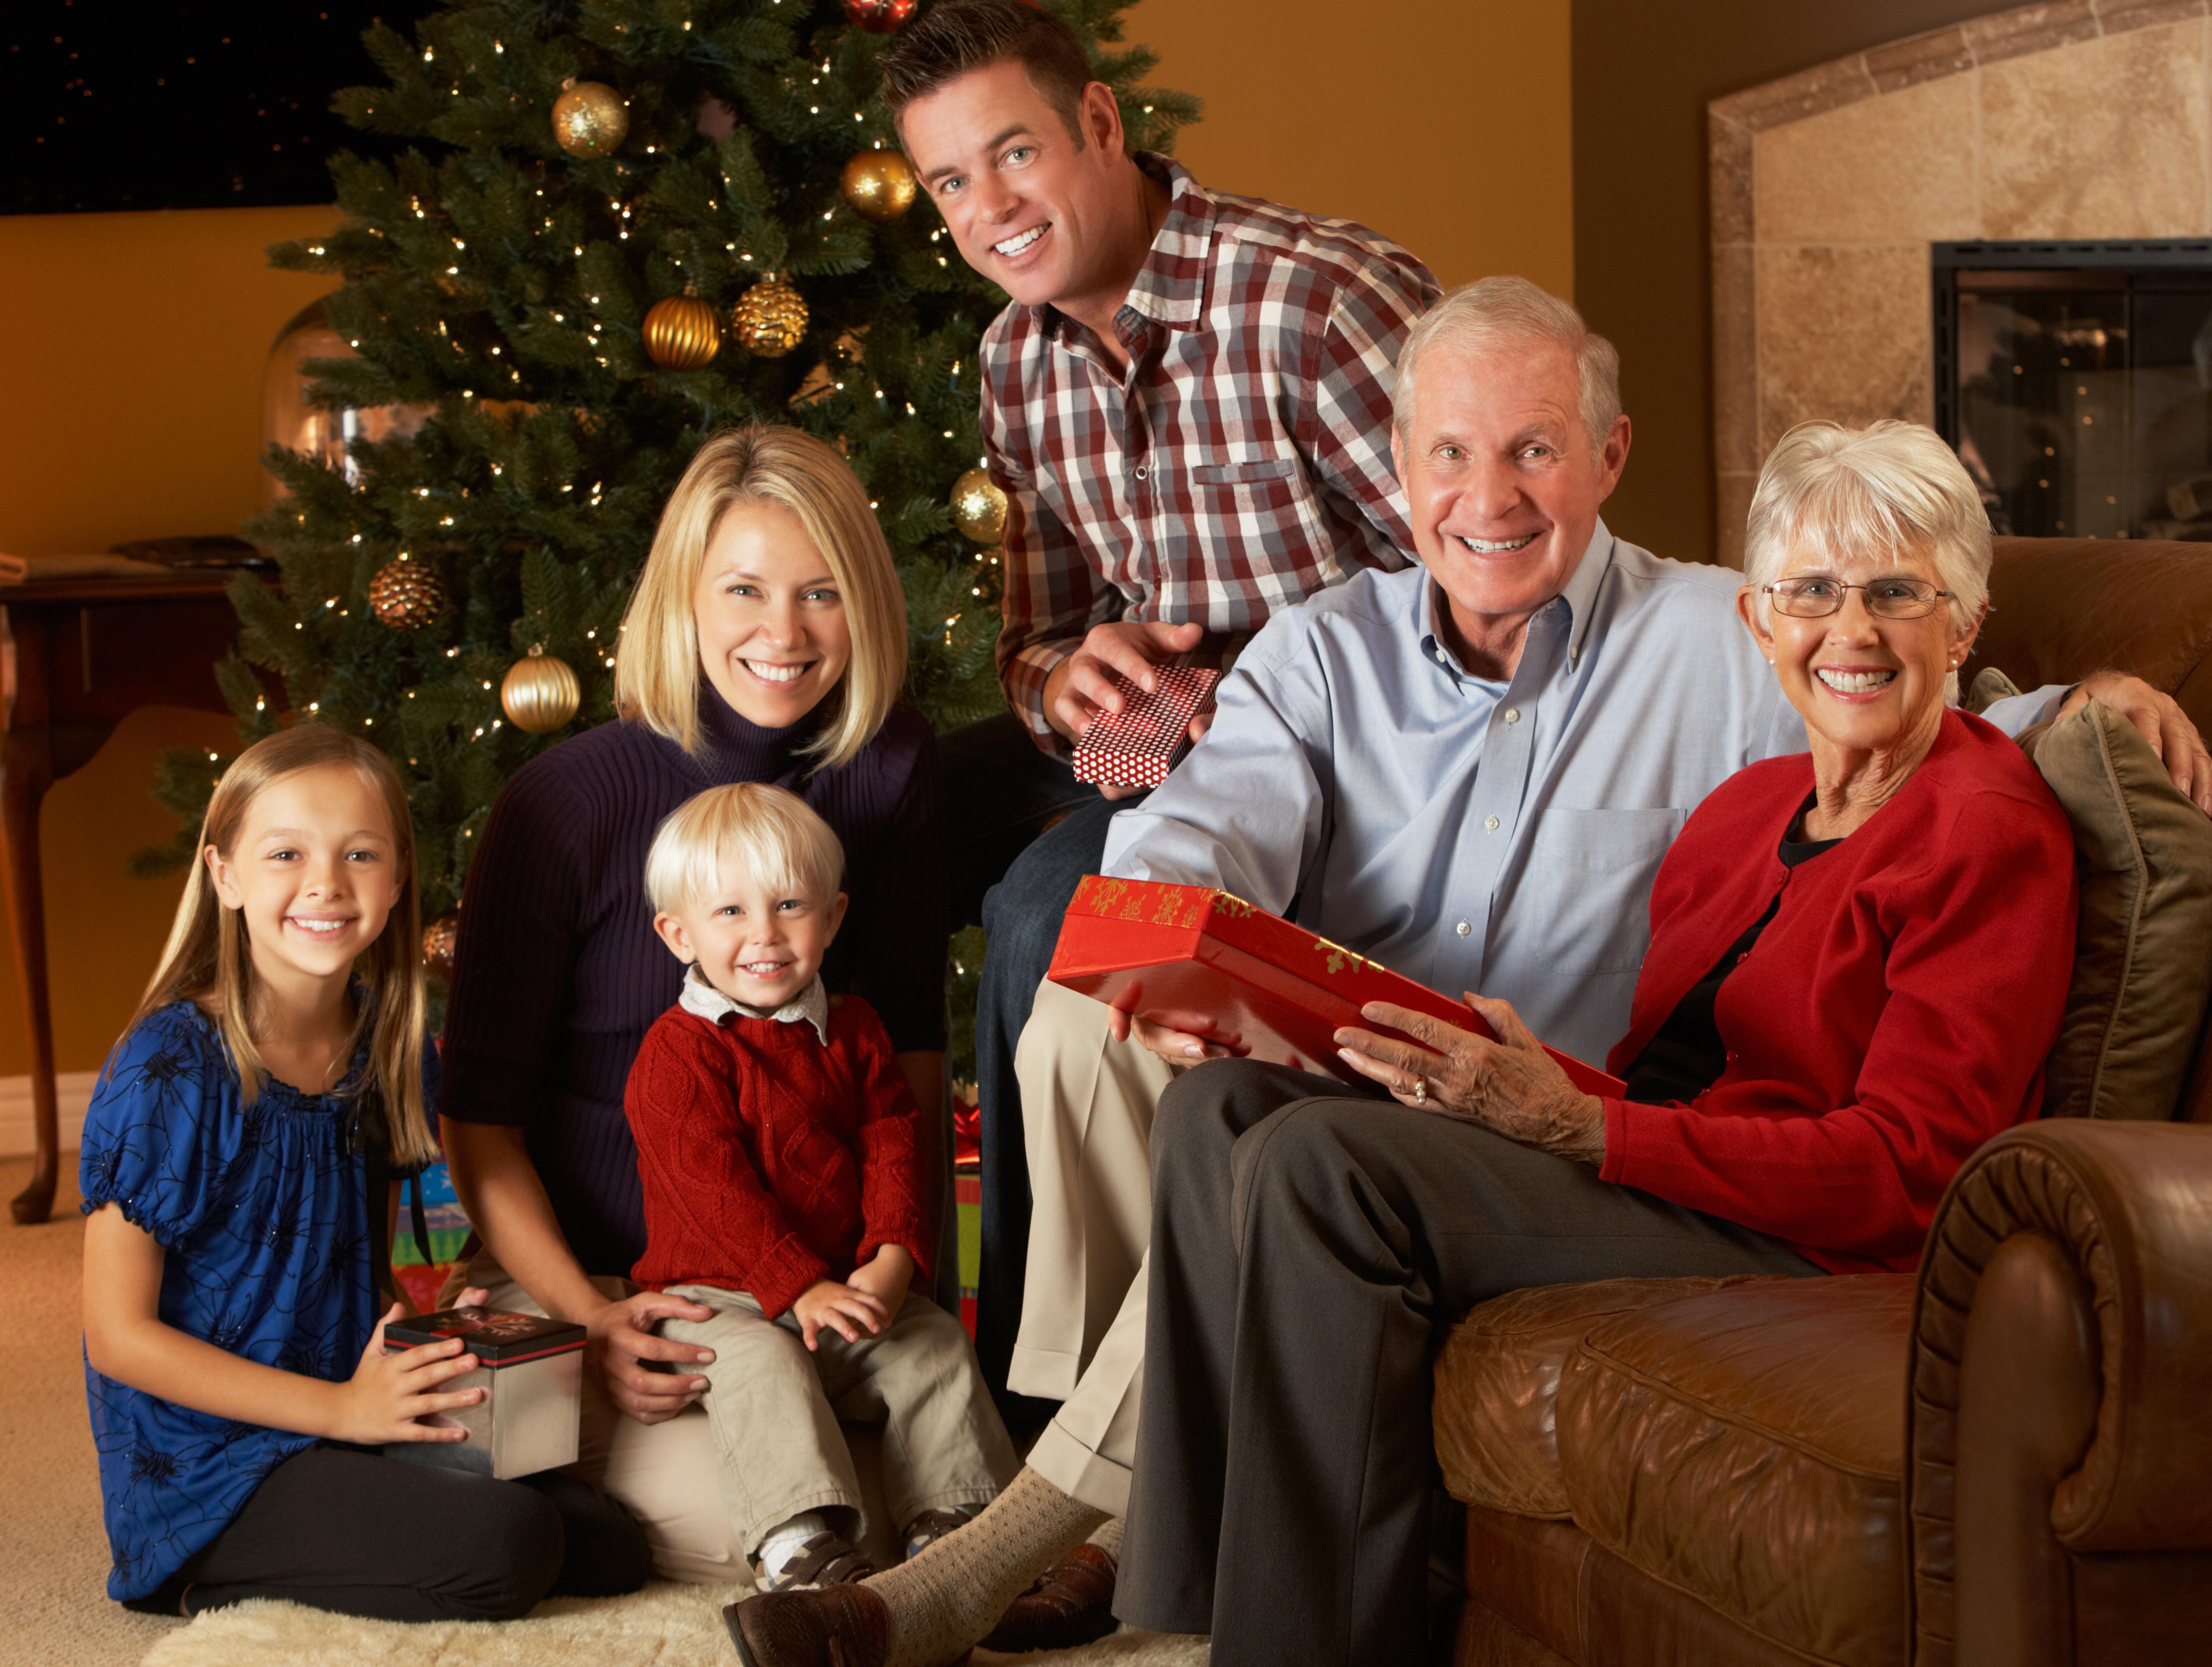 Geschenke Für Die Ganze Familie  Tipps für Weinhnachten Regionale Geschenke für ganze